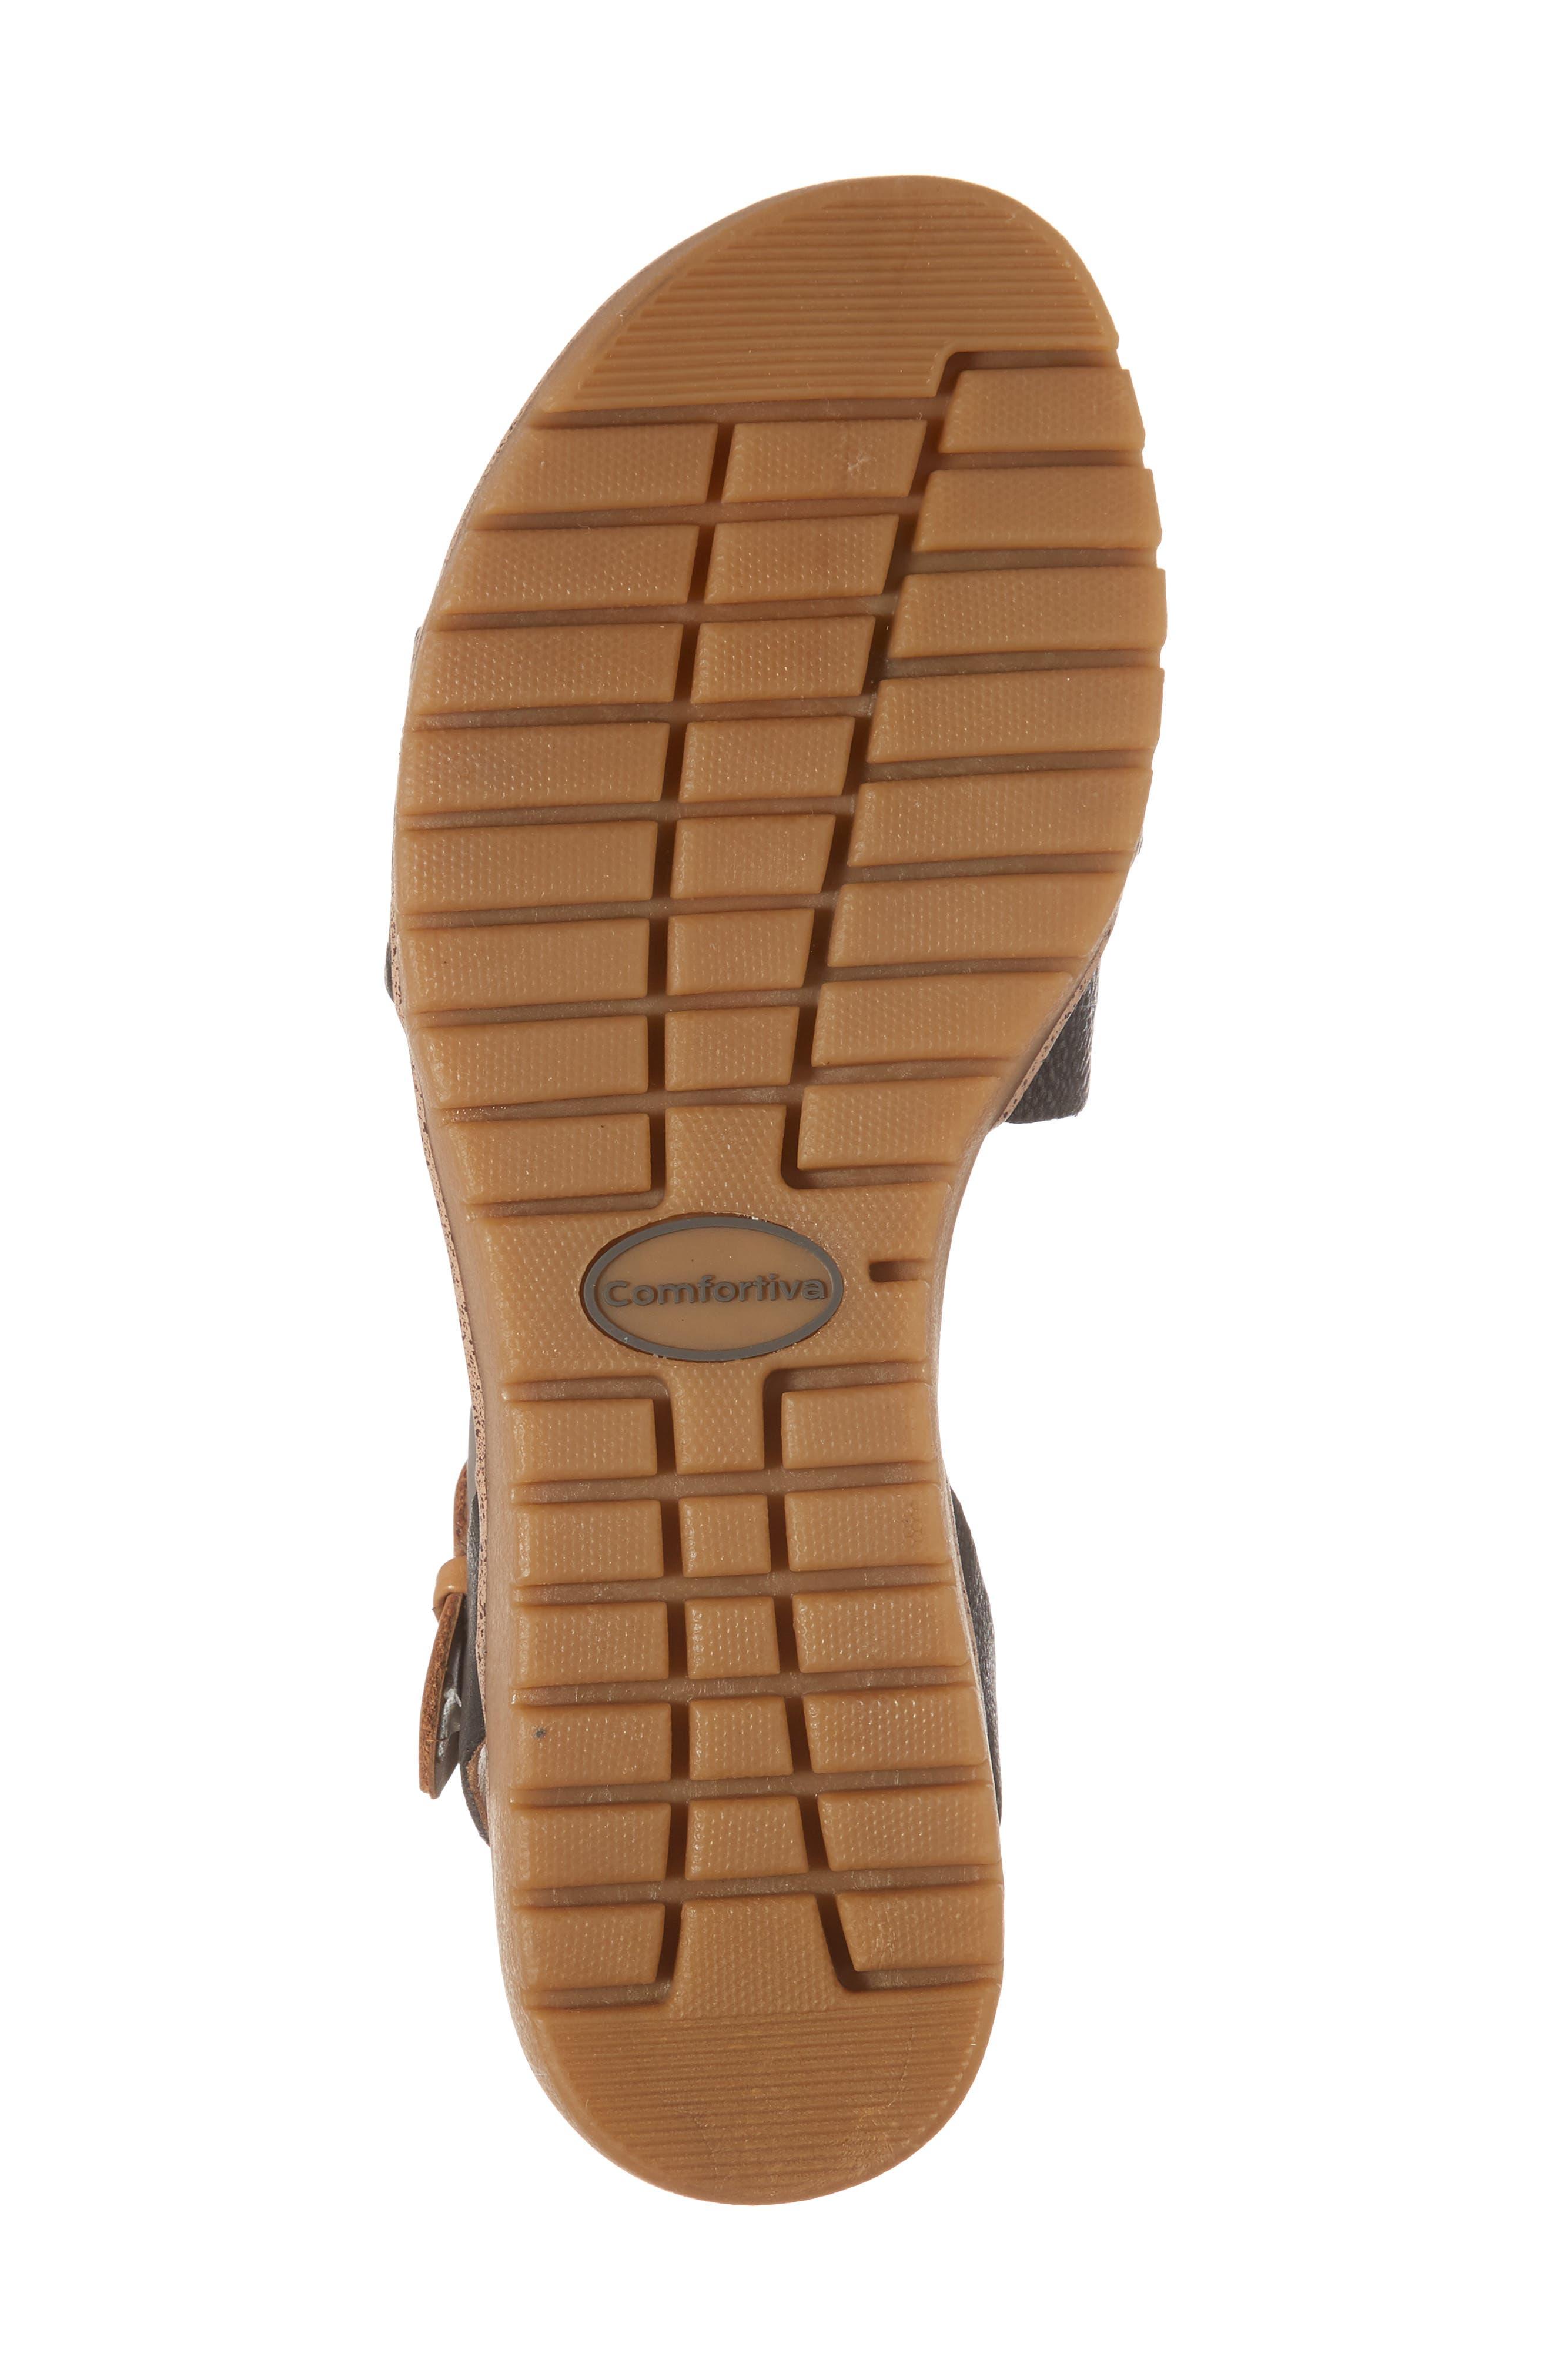 Corvina Sandal,                             Alternate thumbnail 6, color,                             Black/ Sand Leather